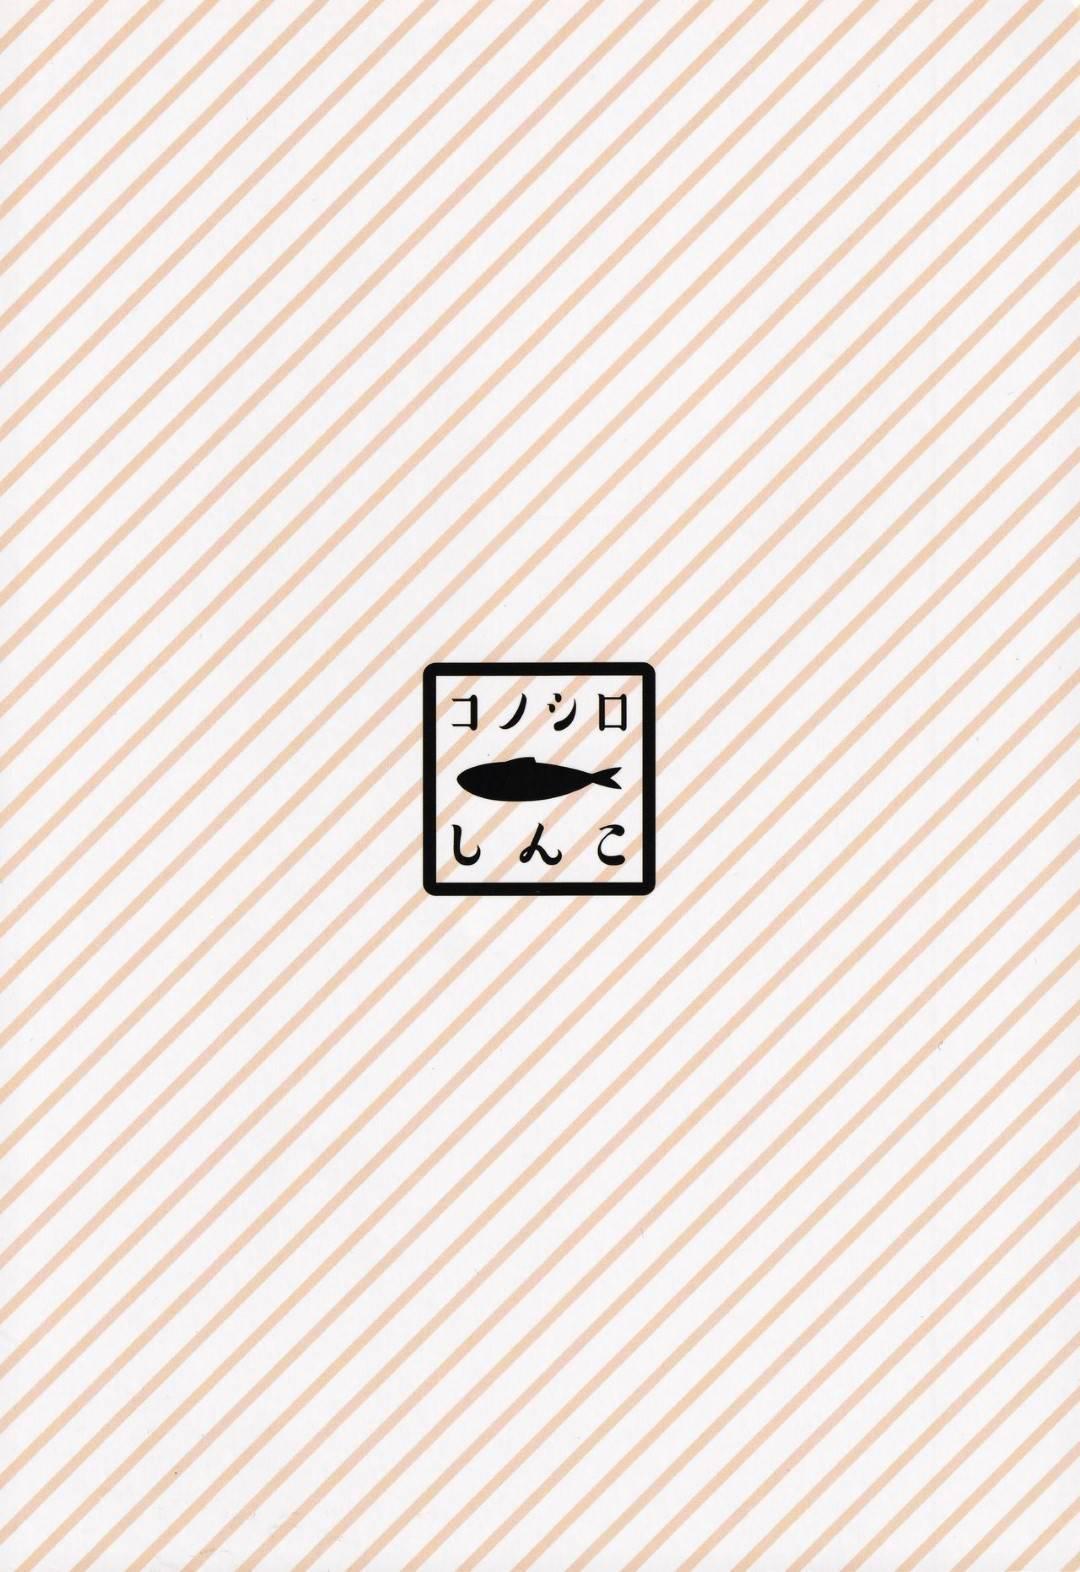 【エロ同人誌】撮影会も終わってプロデューサーを楽屋に連れ込む小悪魔アイドル…2人きりの空間でイチャイチャプレイを繰り返して何度もチンポを求め続ける中出しSEX!【アイドルマスターシンデレラガールズ】